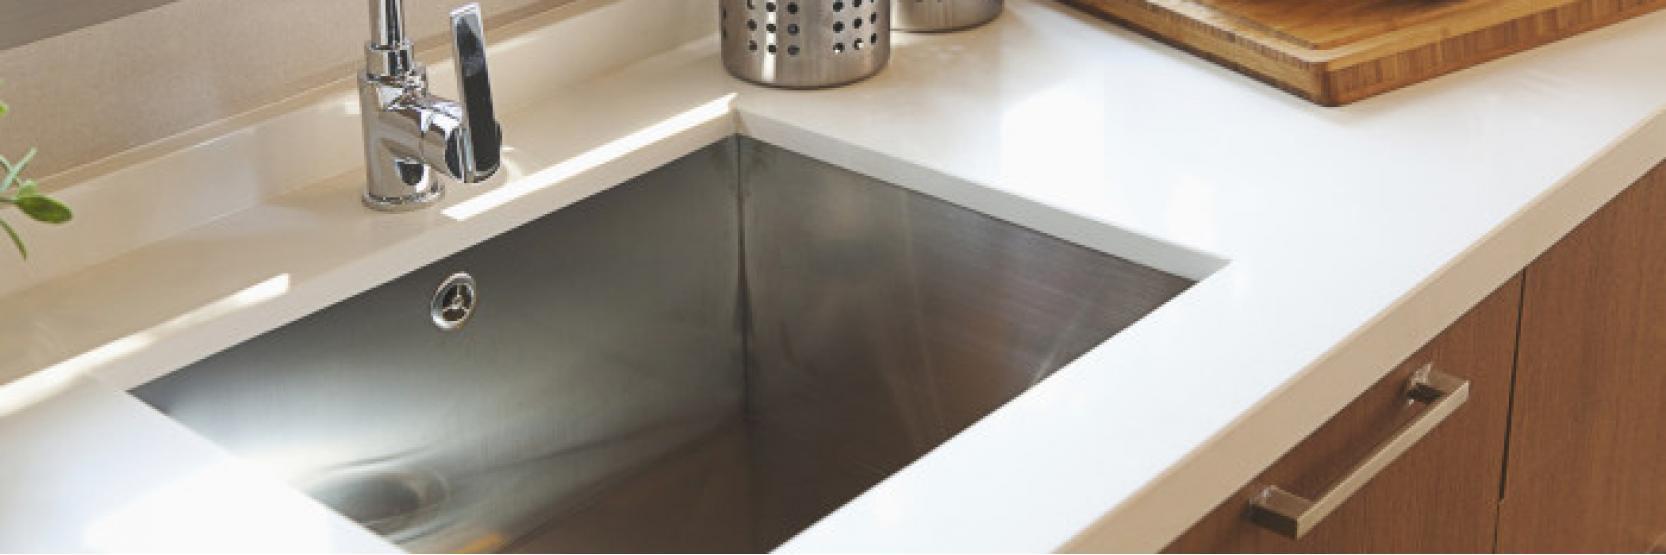 كيفية تنظيف وتلميع مغسلة مطبخك